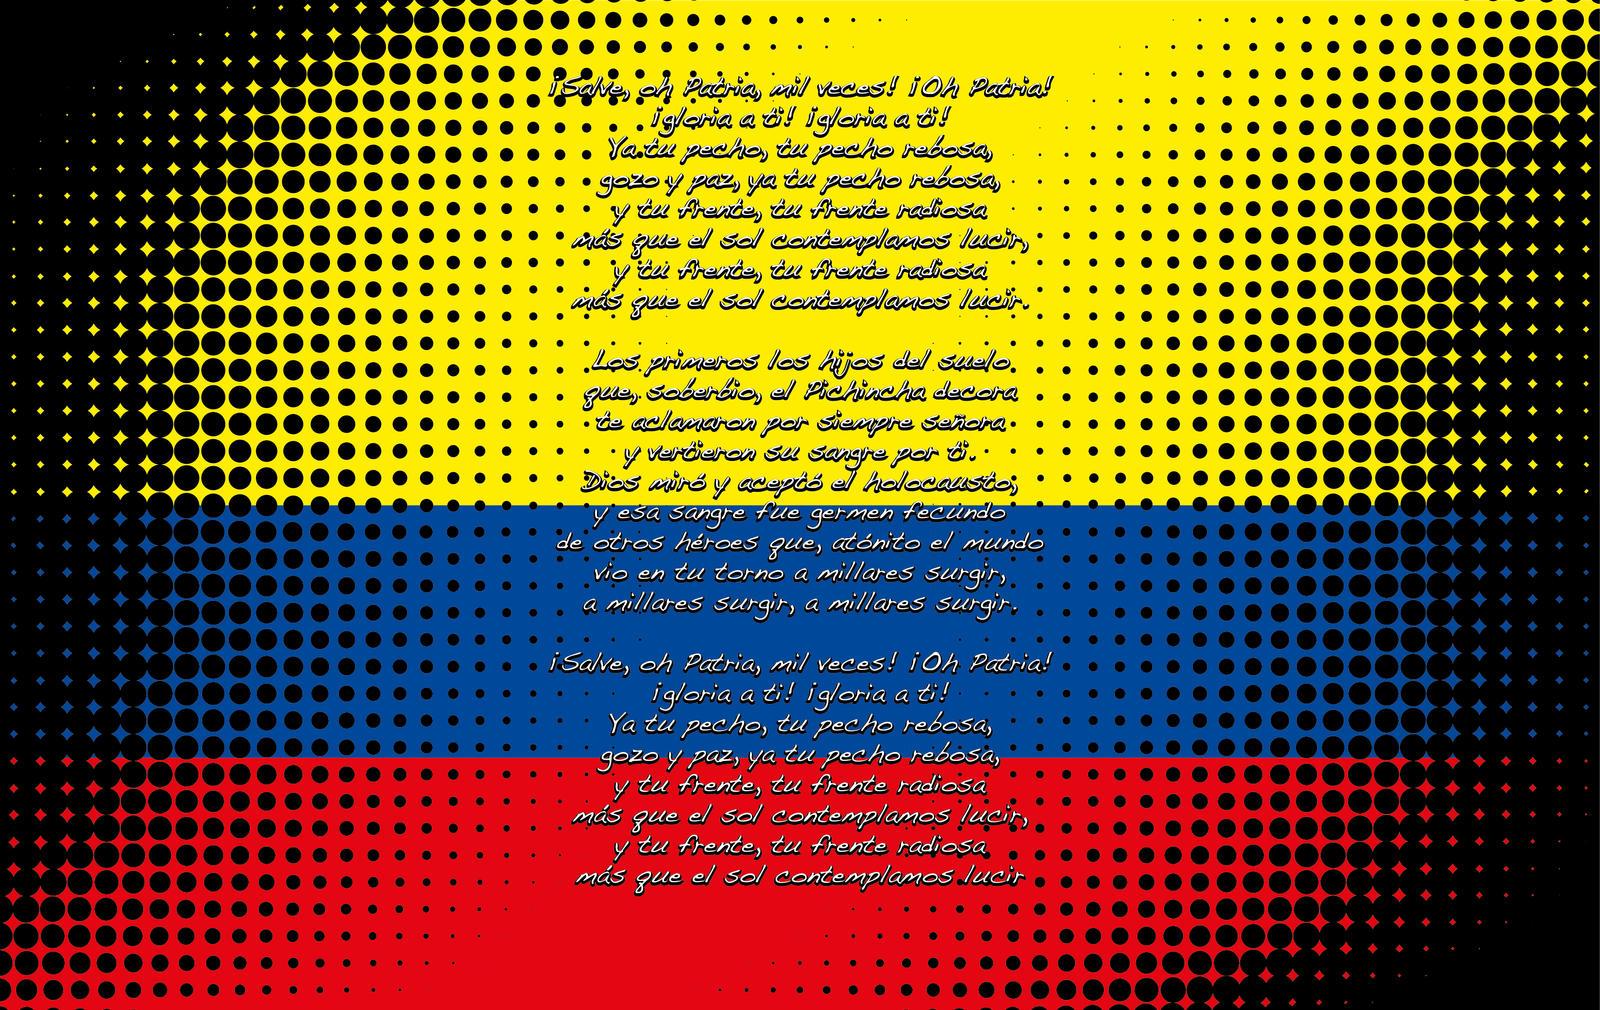 Himno Nacional ECUADOR by patitodark